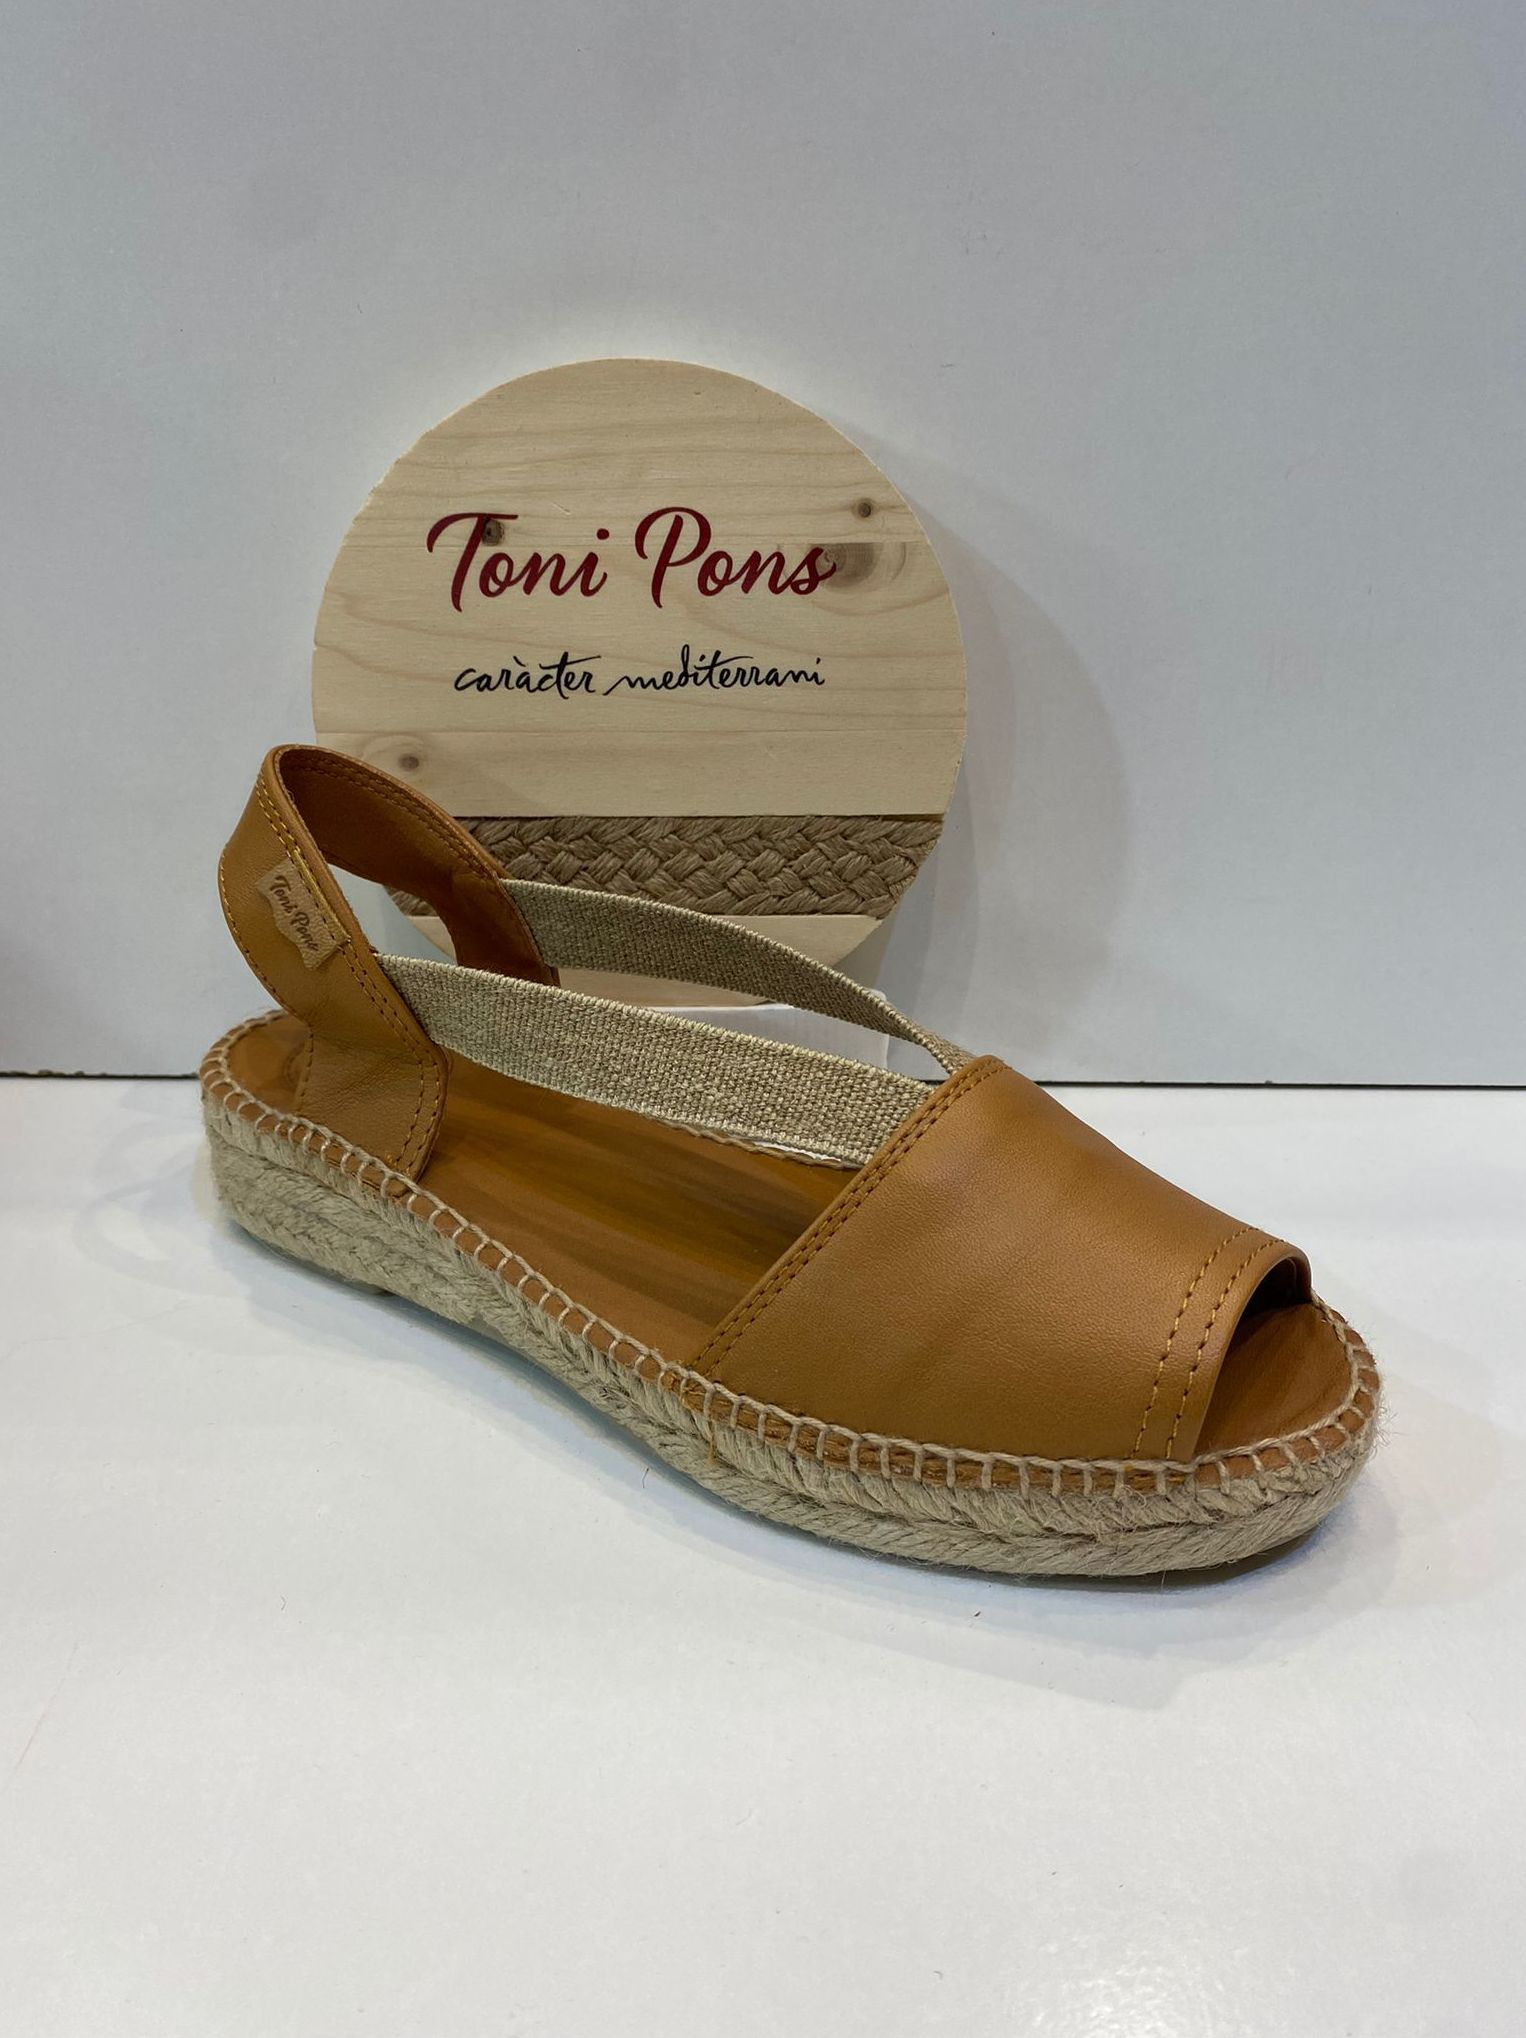 Espardenya d'espart, de la marca Toni Pons, de pell, plantilla encoixinada, sola amb 4 cm de cunya 59.95€